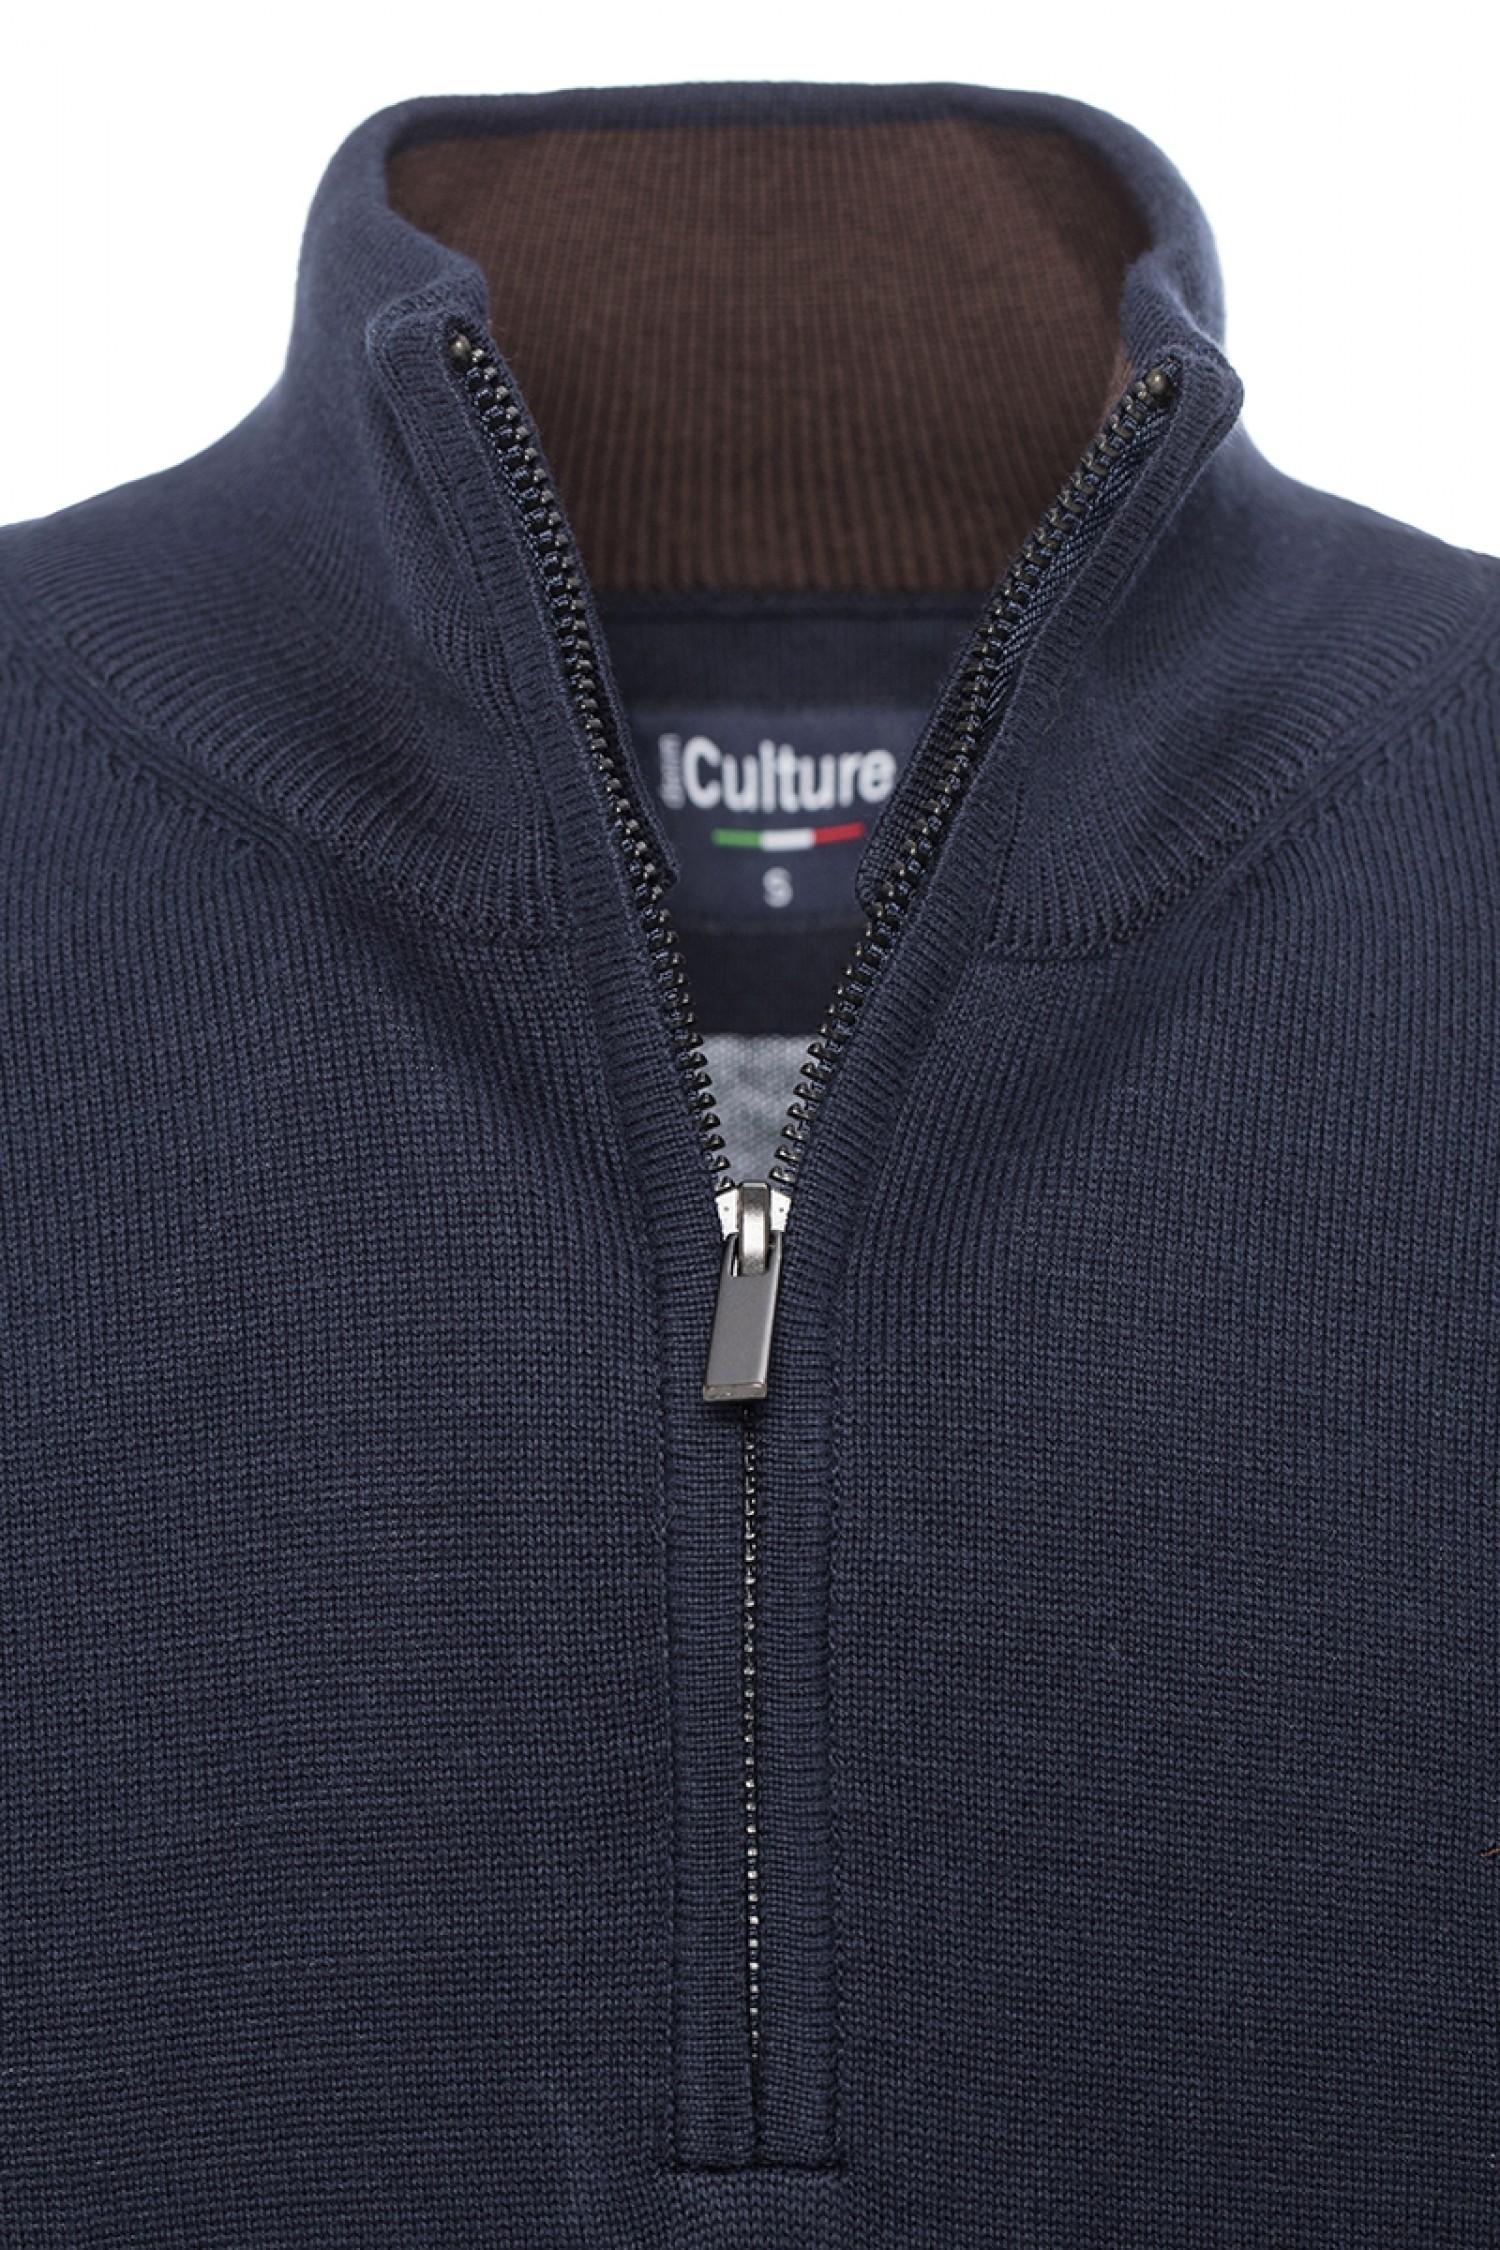 günstige Preise schön billig erstaunliche Qualität Baumwoll Pullover Stehkragen NAVY für Herren